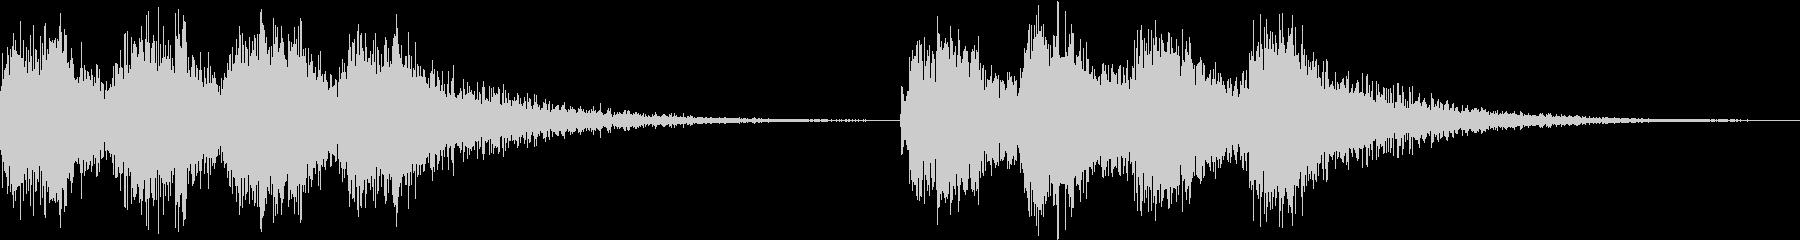 アラーム 時報 時計 着信 ビビ ループの未再生の波形